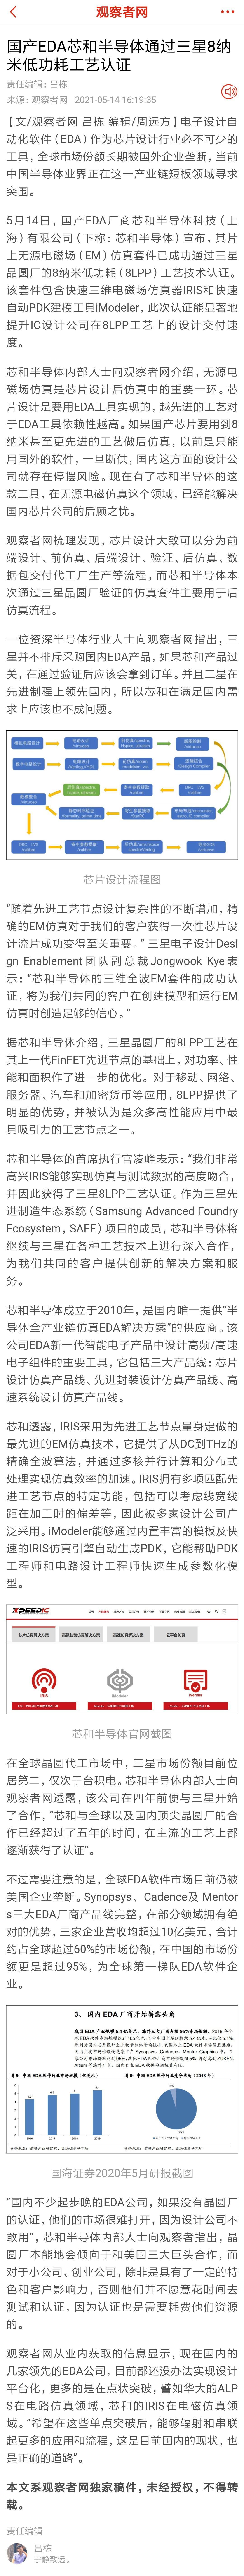 电子设计自动化软件(EDA)是芯片设计行业必不可少的工具……